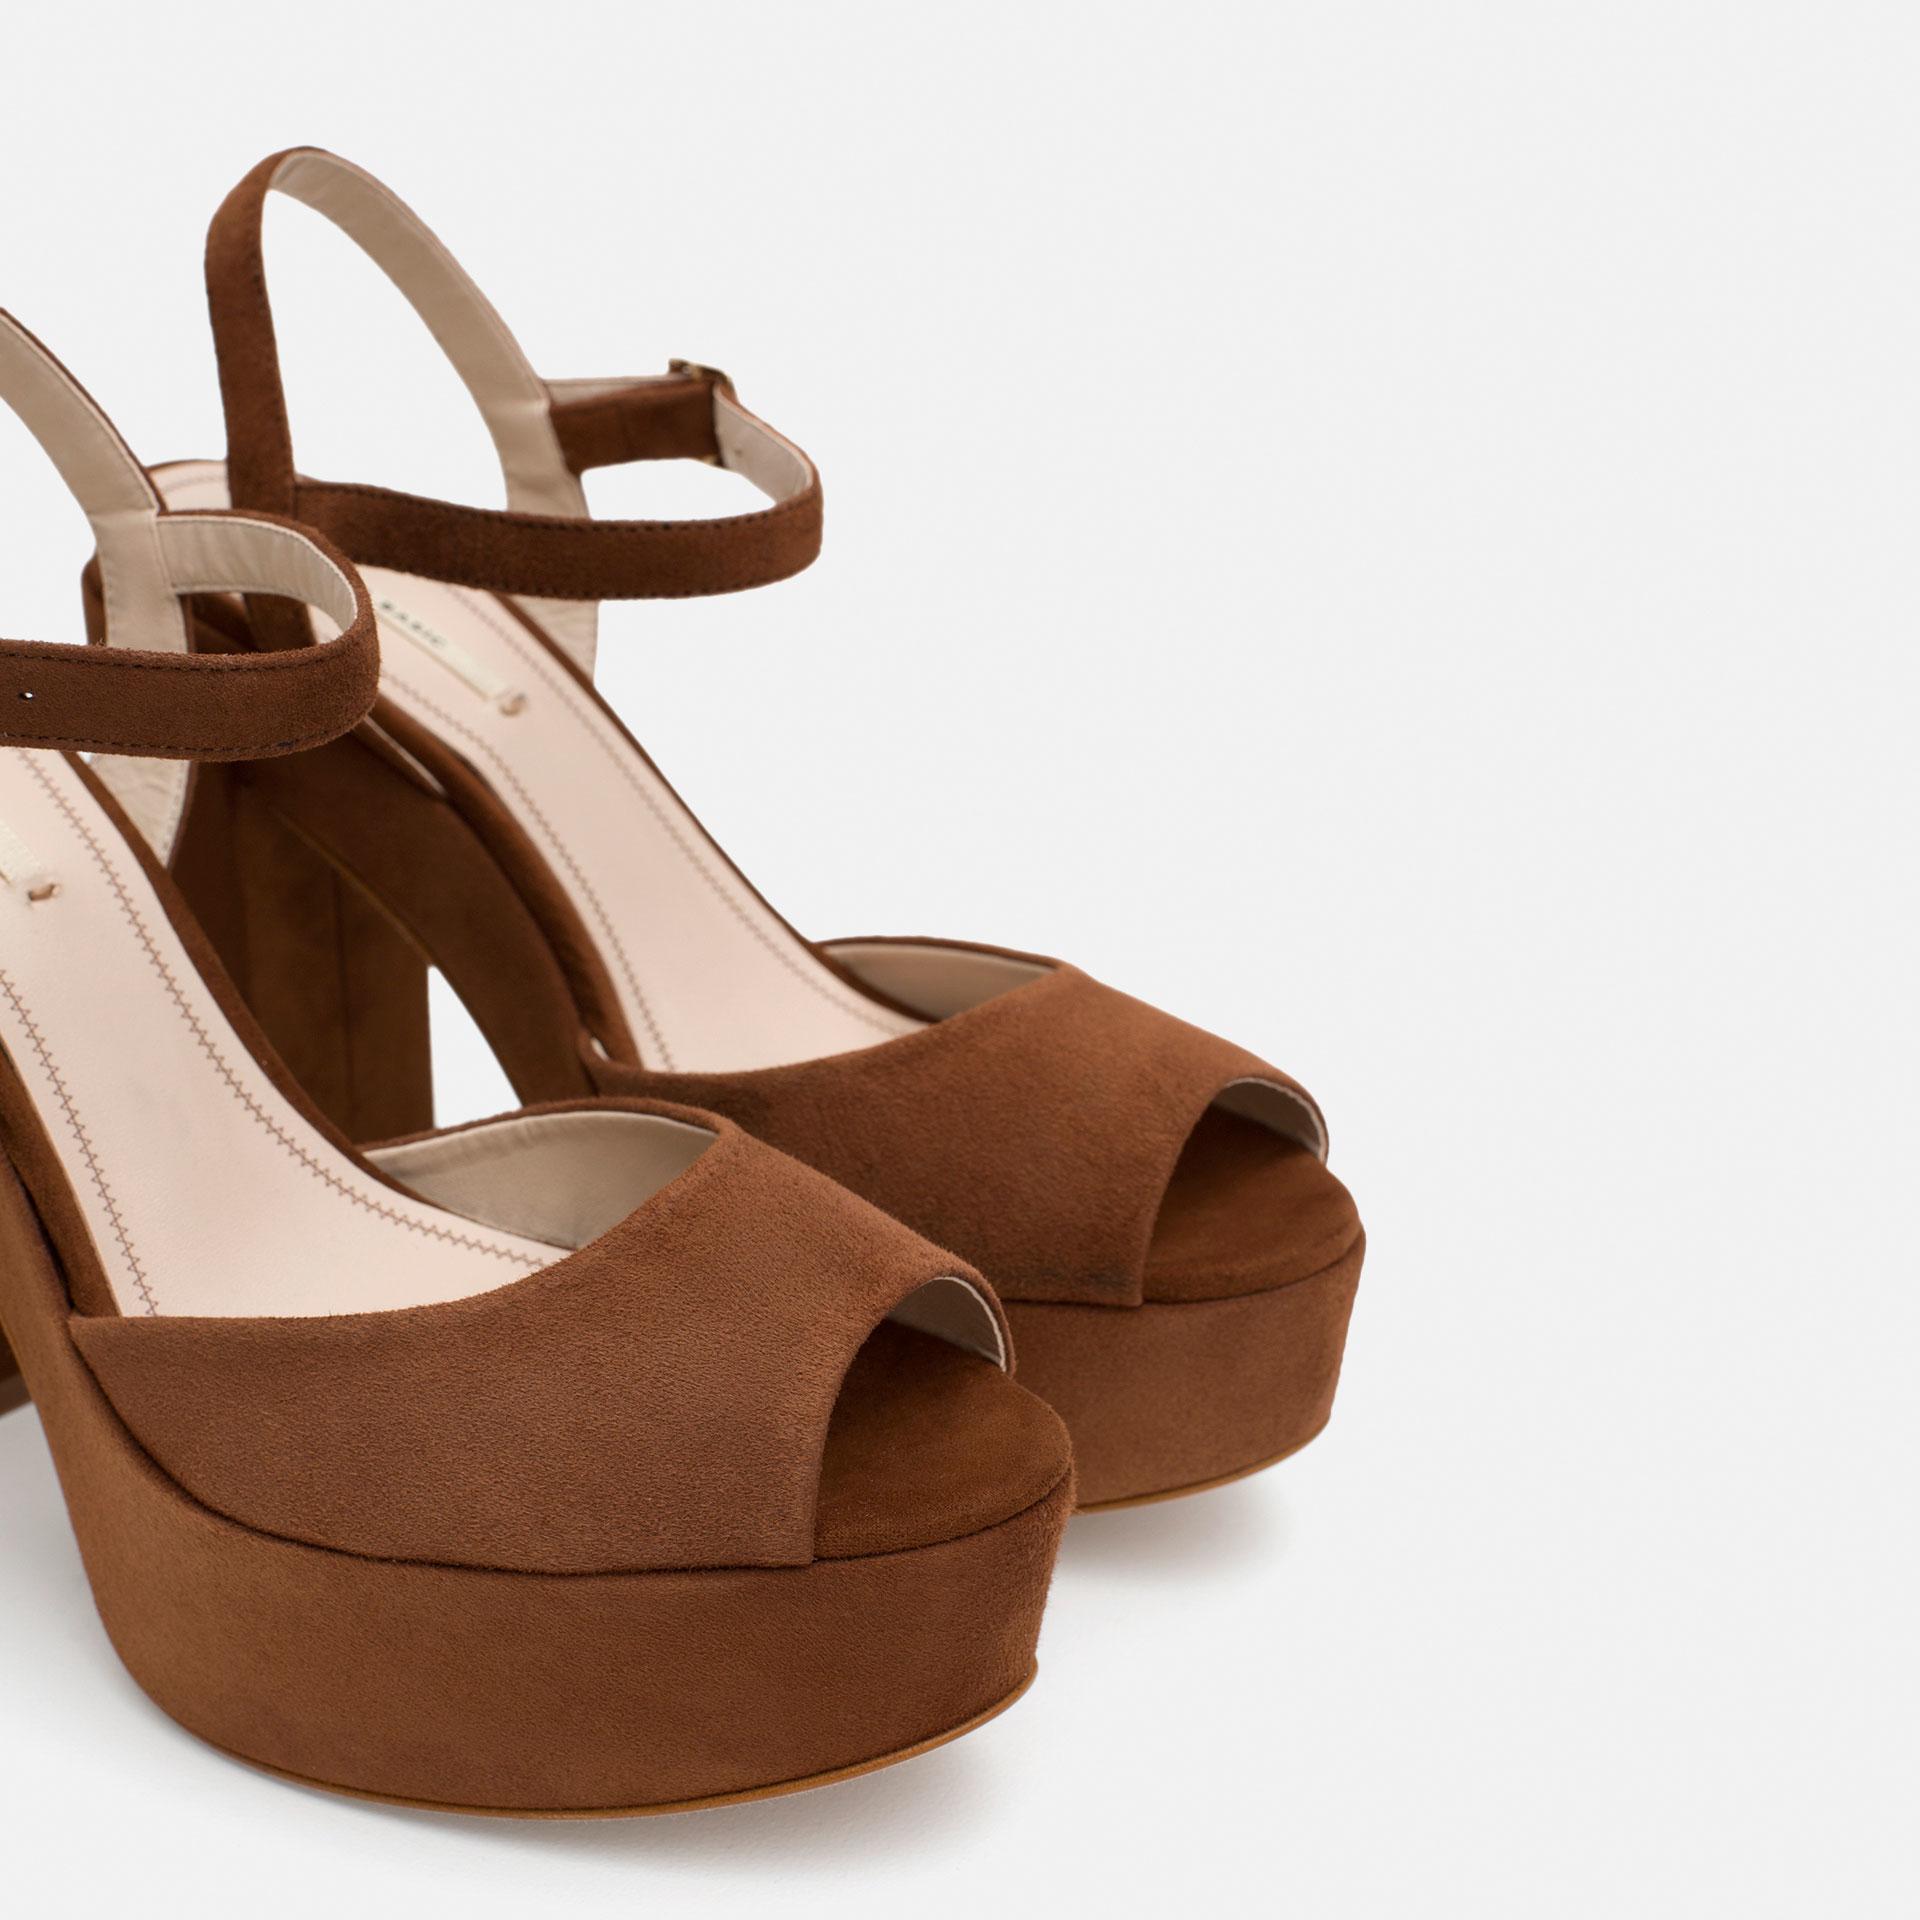 Zara Leather Platform Sandals In Brown Lyst